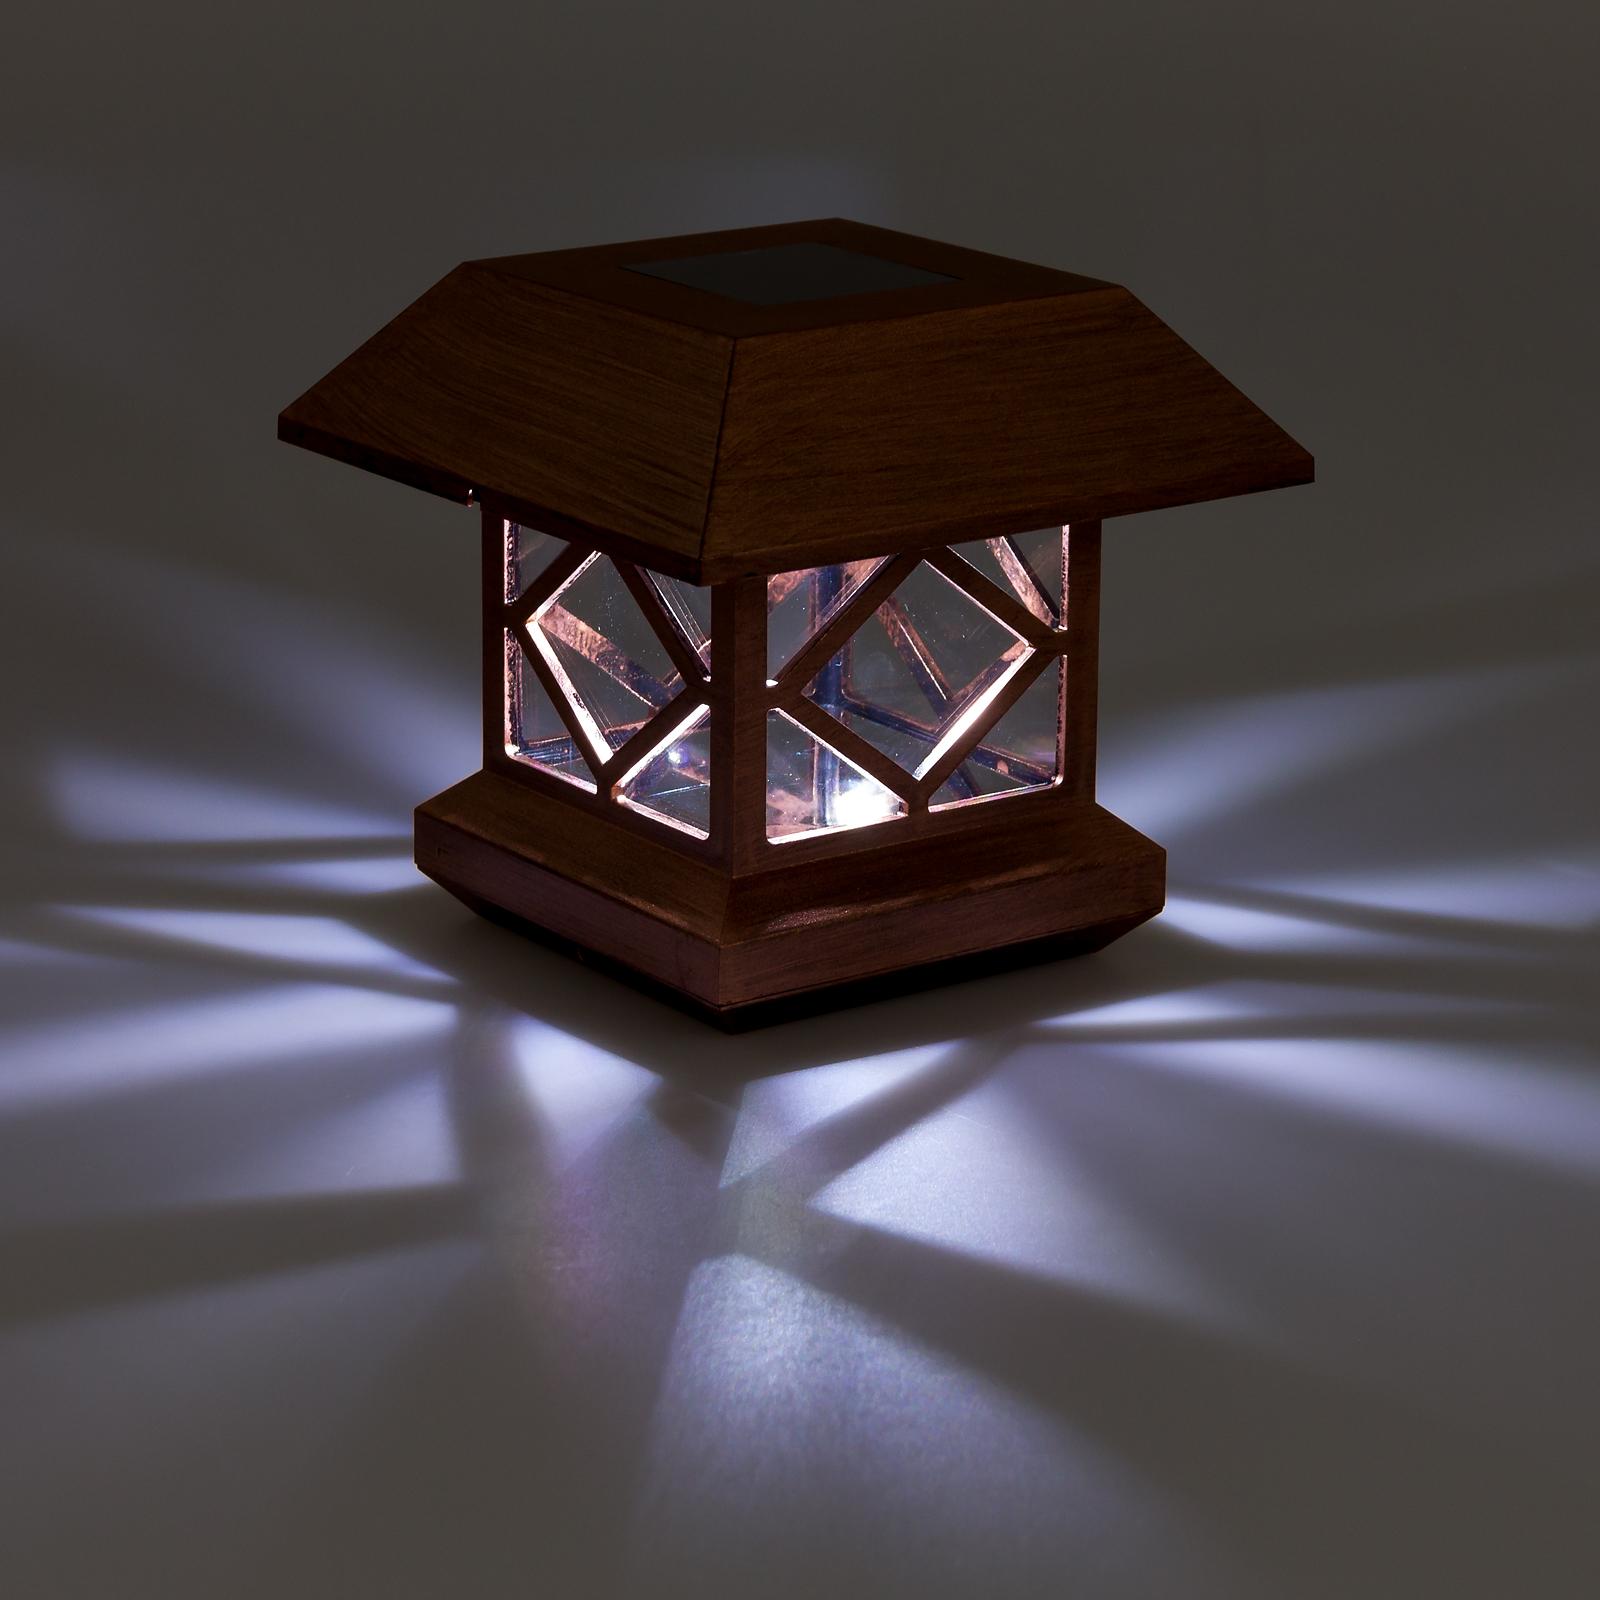 Solar Lights For Posts: GreenLighting Outdoor Summit Solar Post Cap Light For 4x4